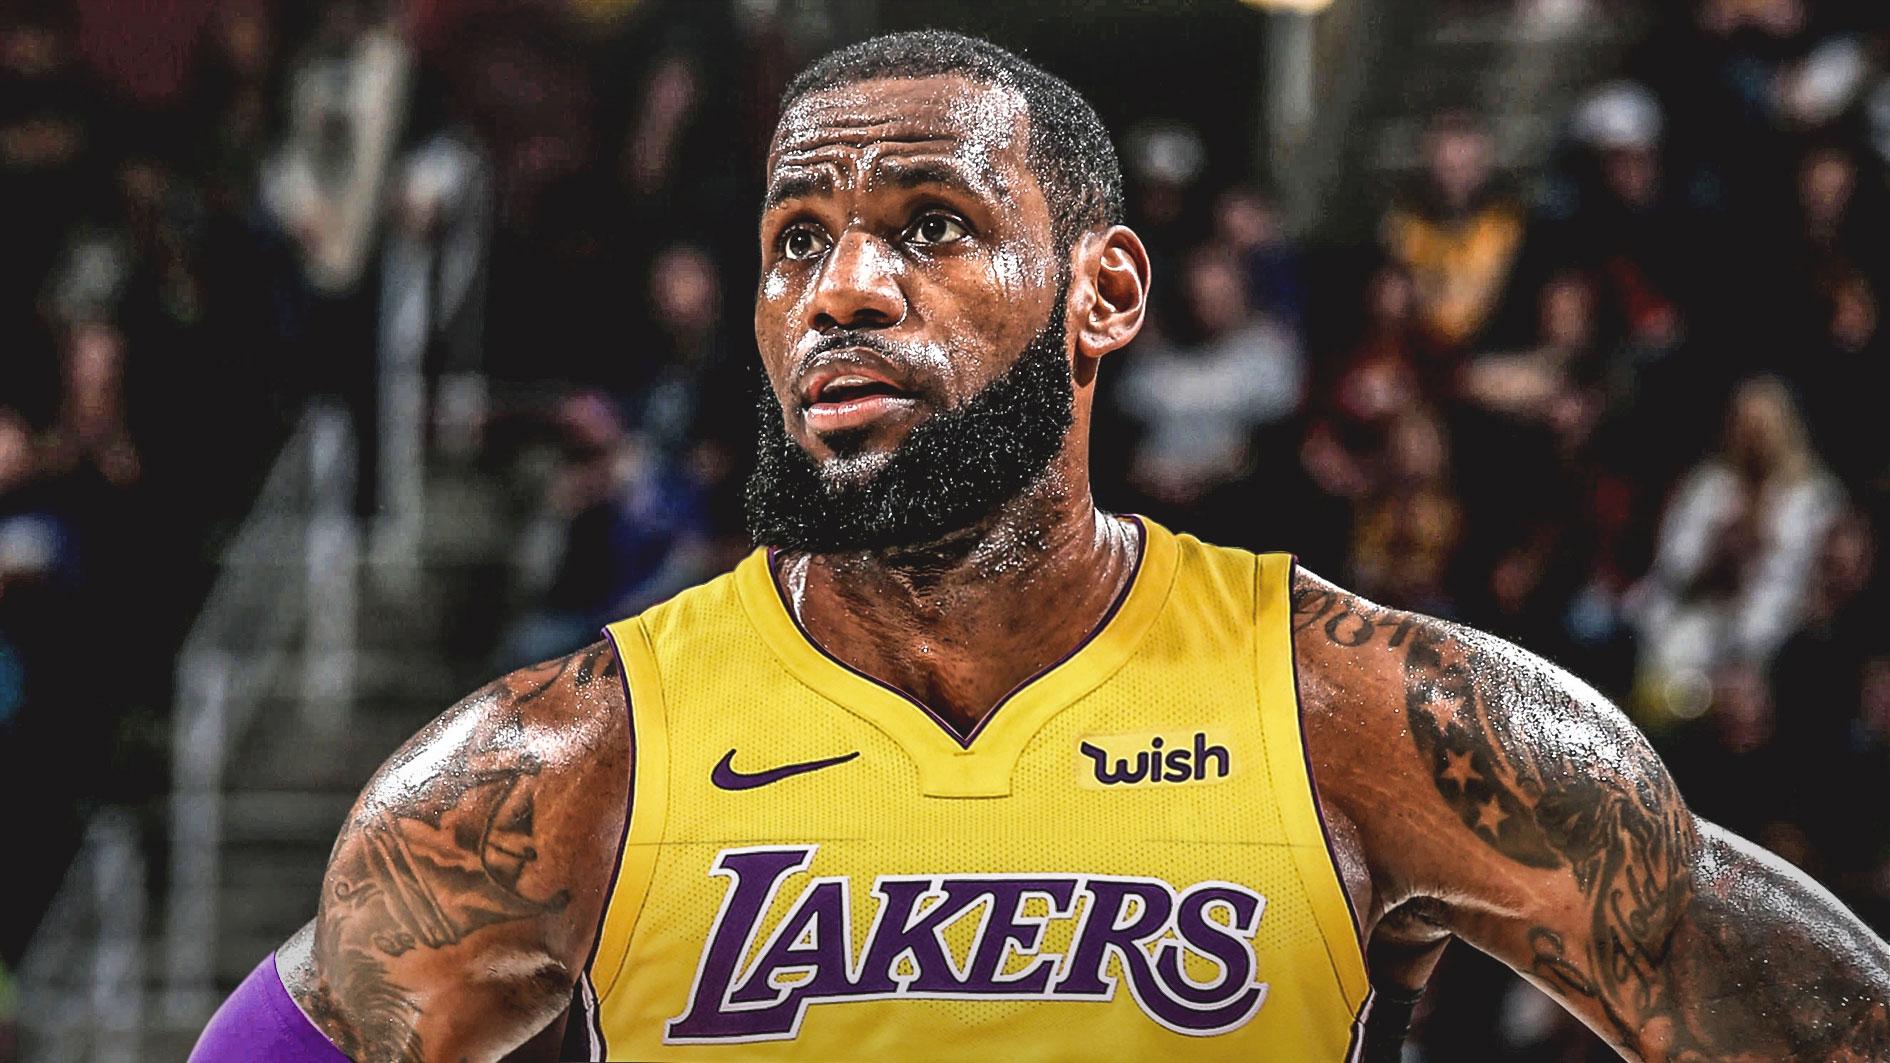 Vì sao nào đã đưa LeBron James đến với Los Angeles Lakers?